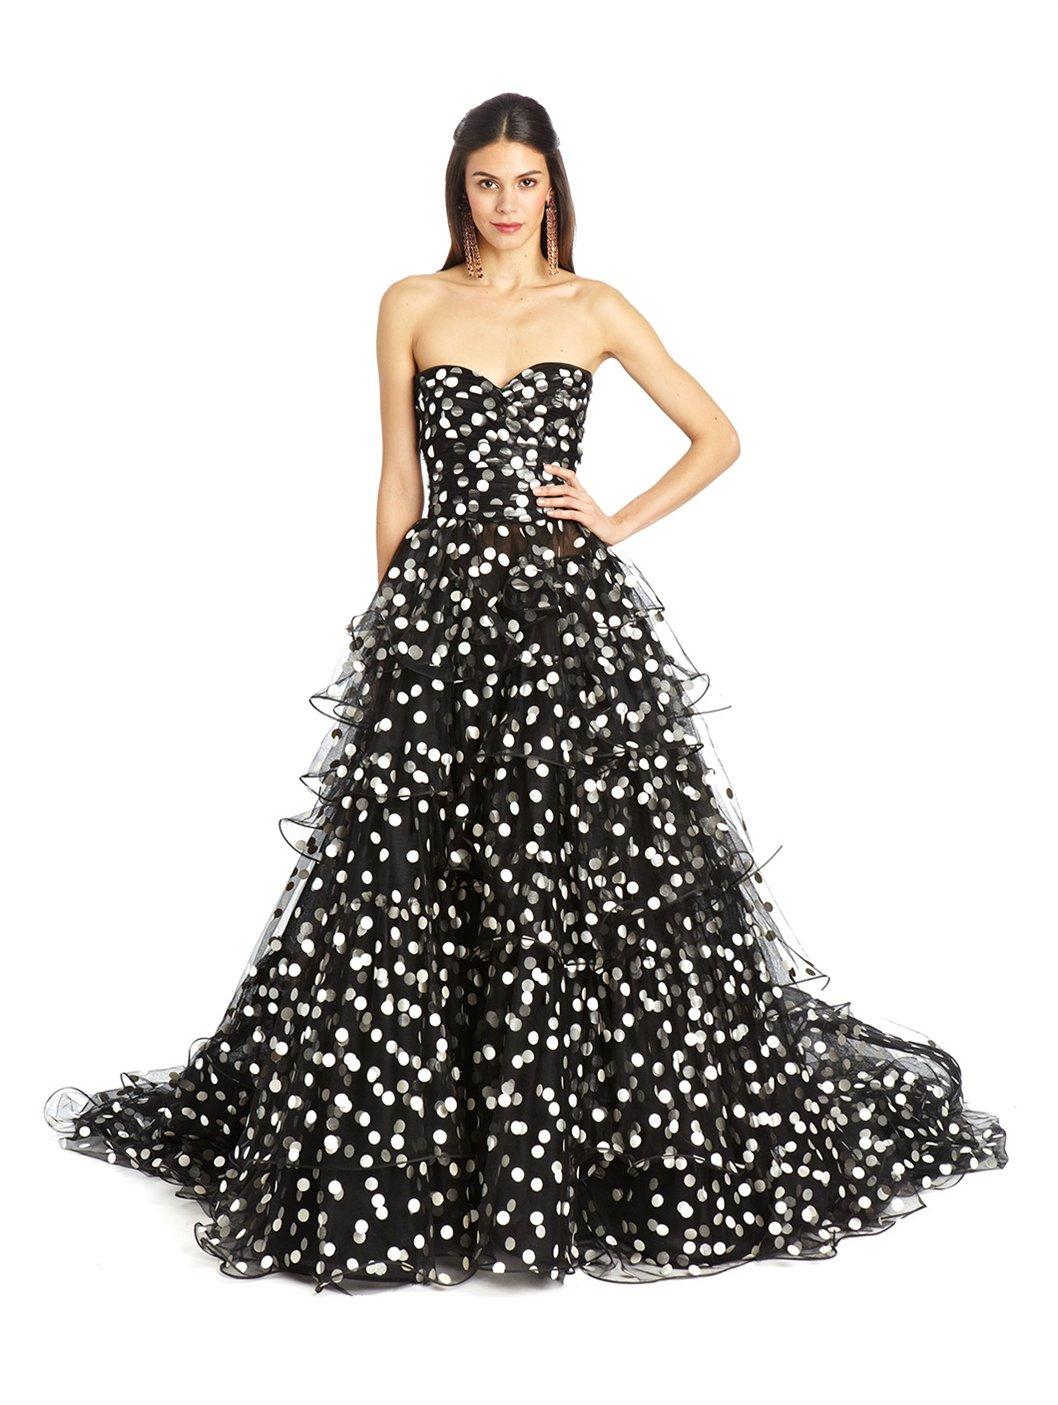 Gallery Women S Polka Dot Dresses